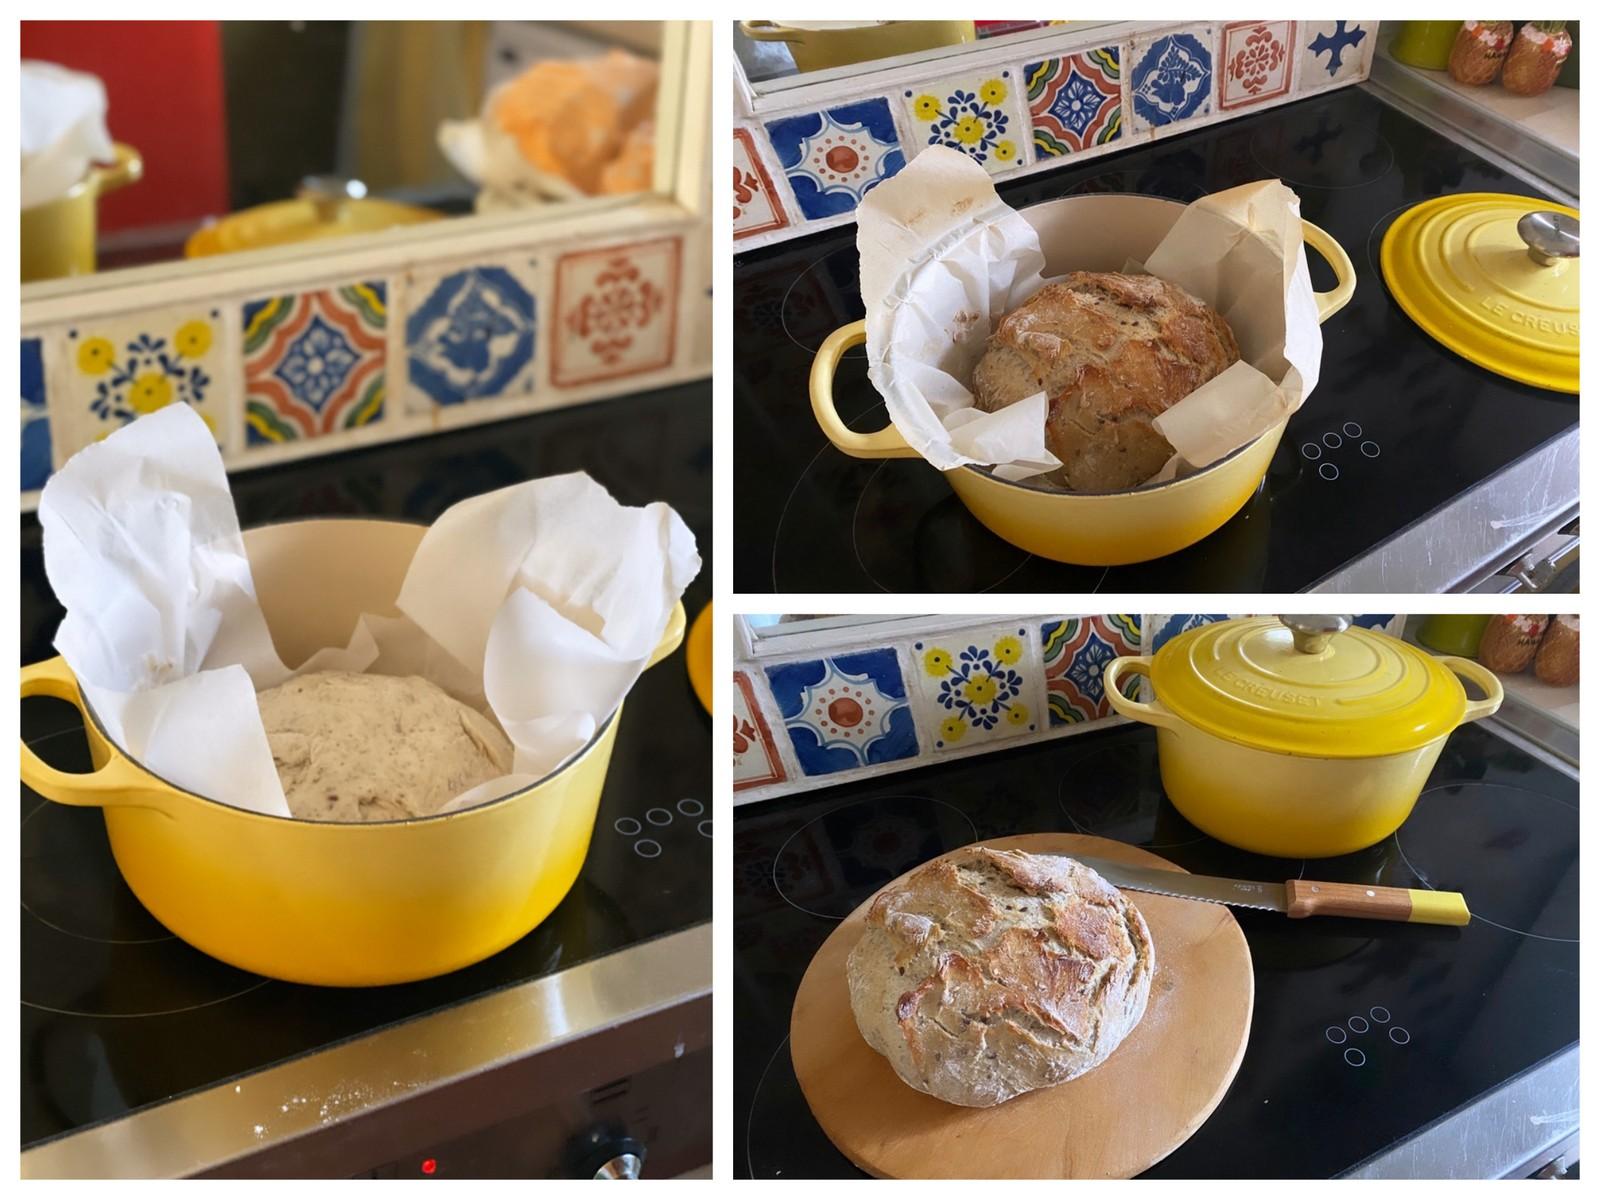 pain,pain cocotte,le creuset,cocotte en fonte,opinel,cuisine,kitchen,home sweet home,villa la bohème,tissage de luz,torchon,linge basque